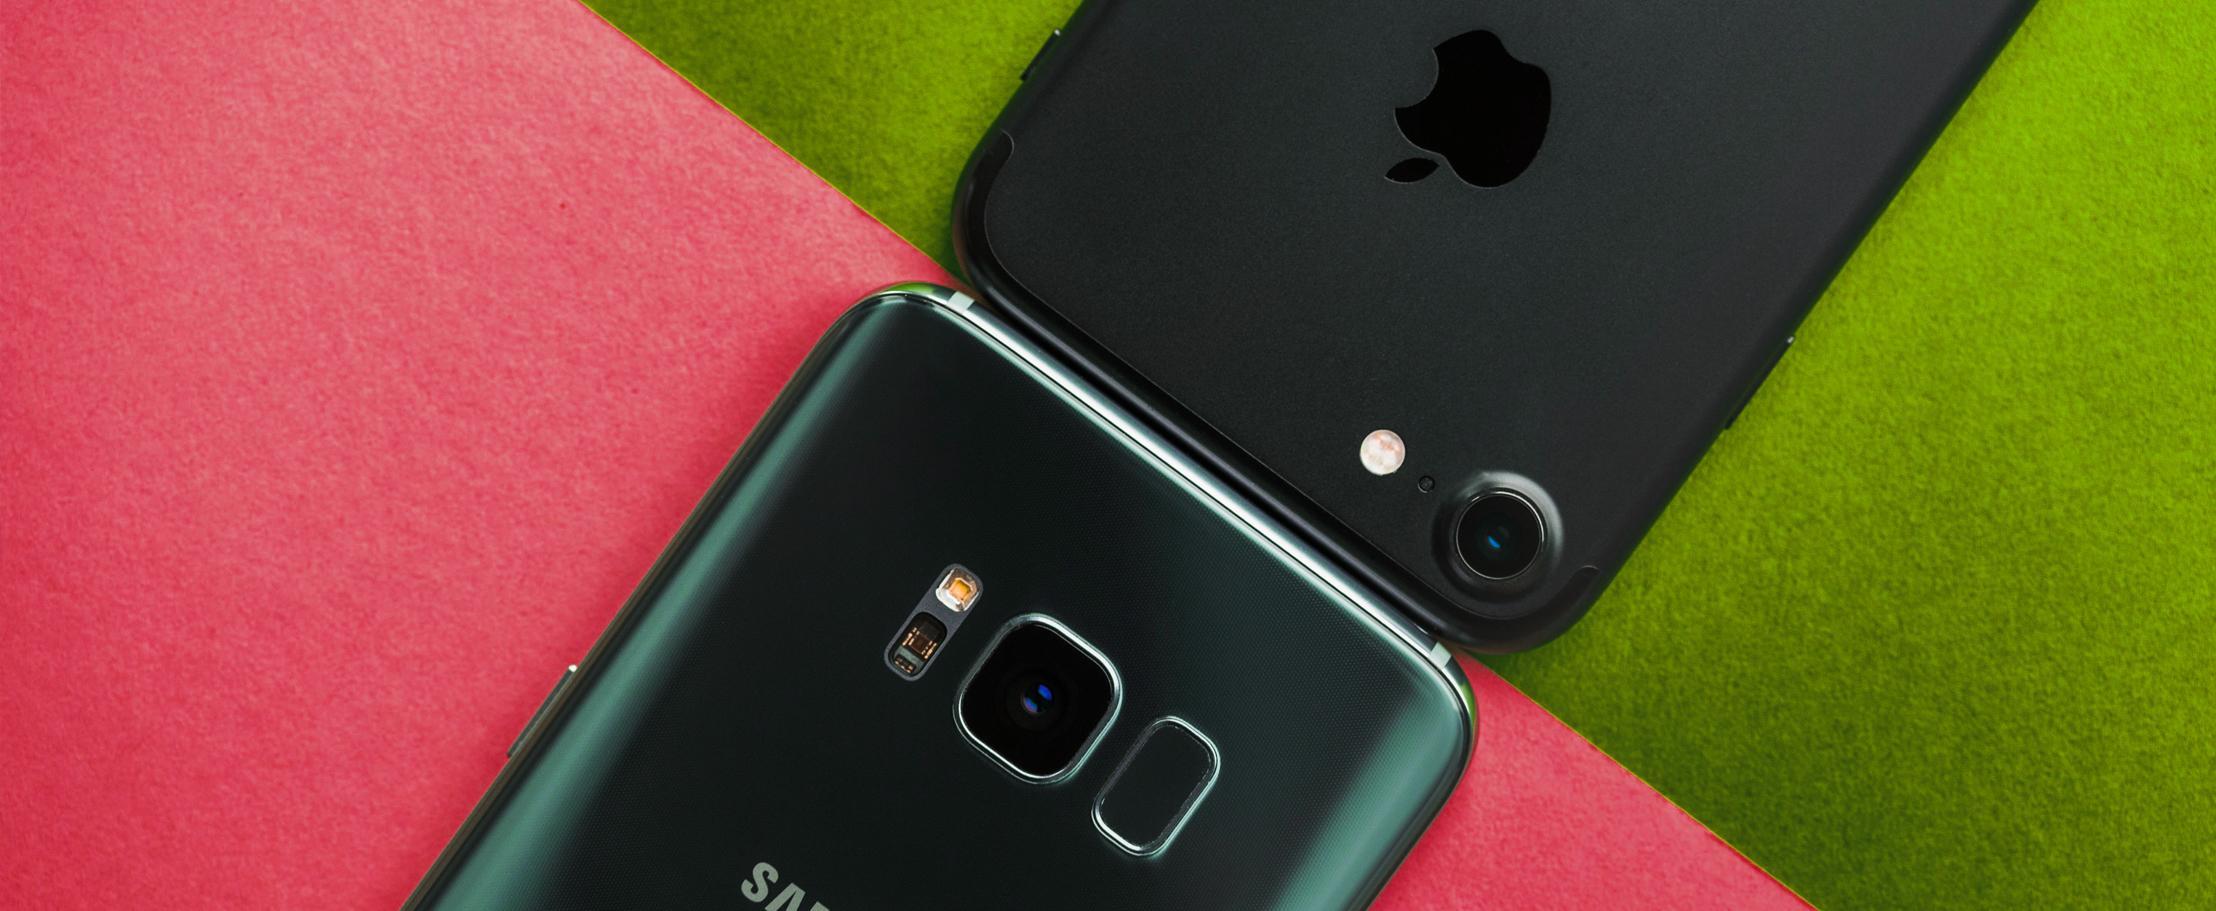 5 причин почему Samsung Galaxy S8 лучше iPhone 7